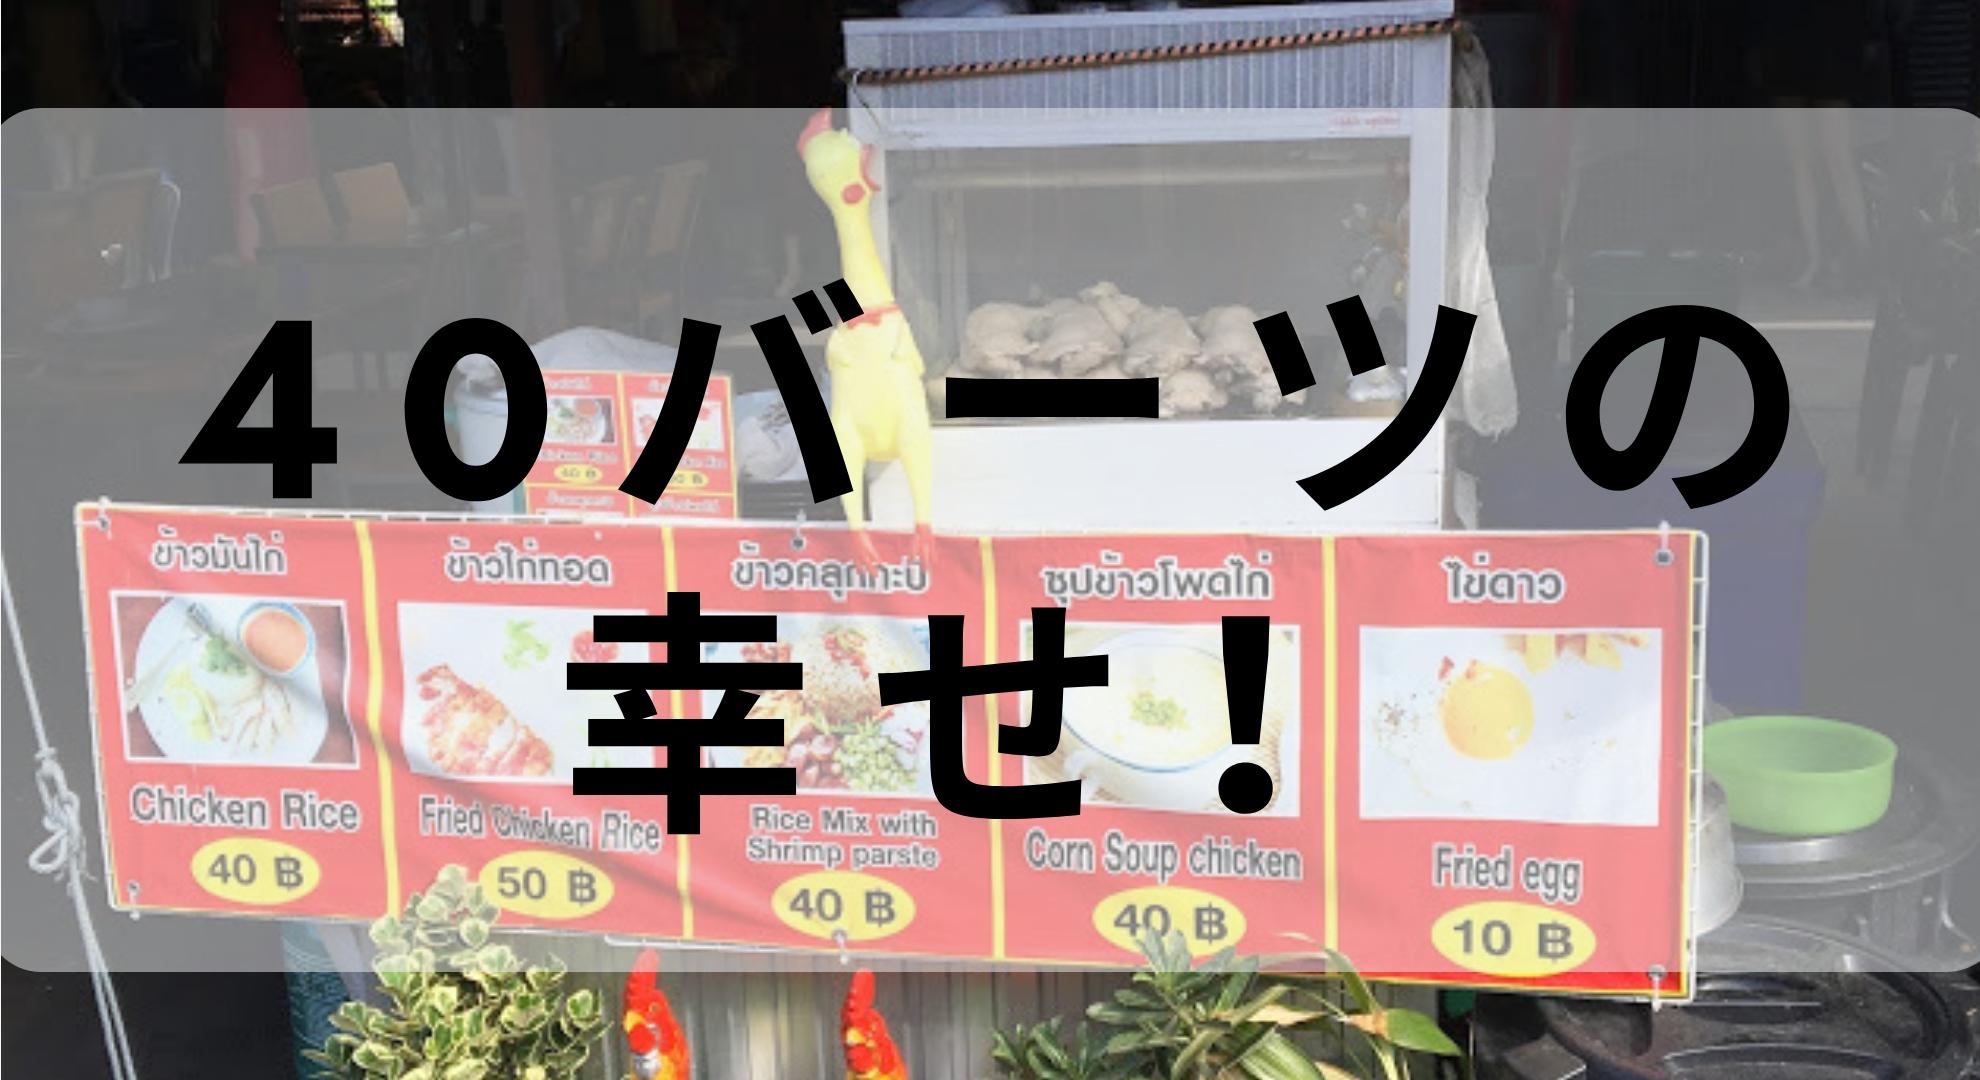 パタヤで一食40バーツ(140円)で食べることができるお勧めカオマンガイ屋台を紹介するよ!